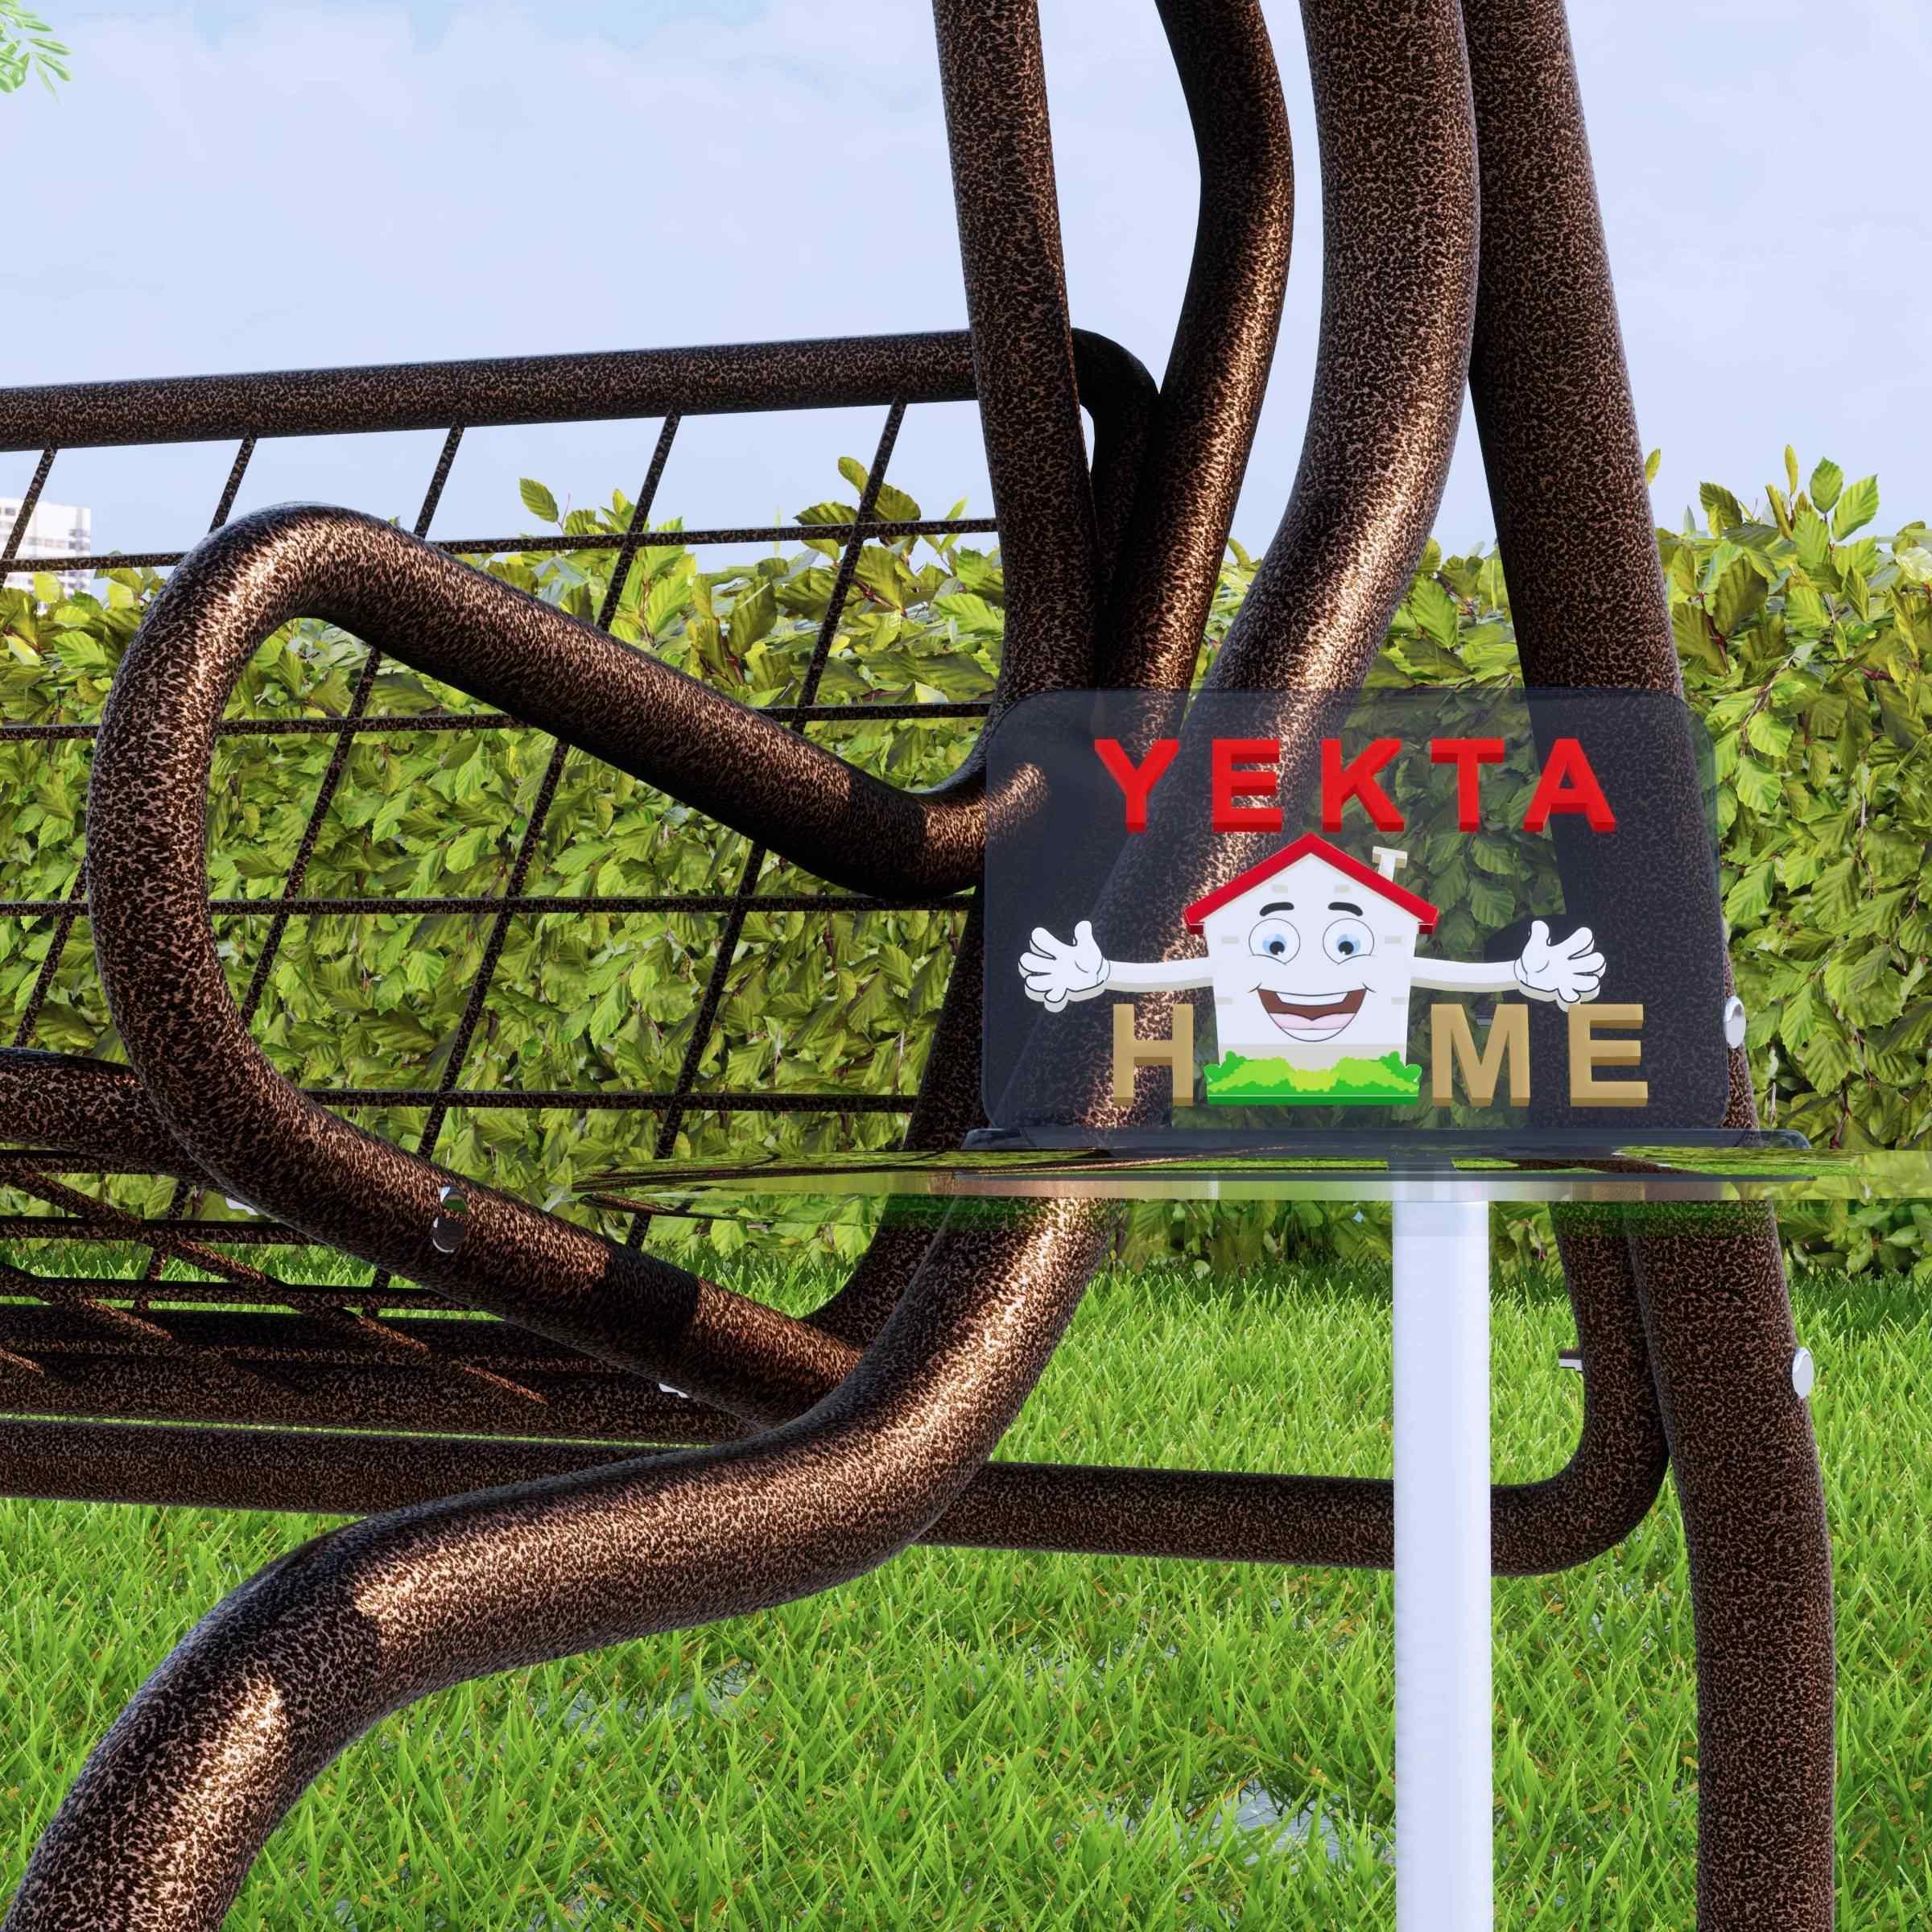 Yekta Çandarlı 3 Kişilik Bahçe Salıncağı Teras  Balkon Salıncak